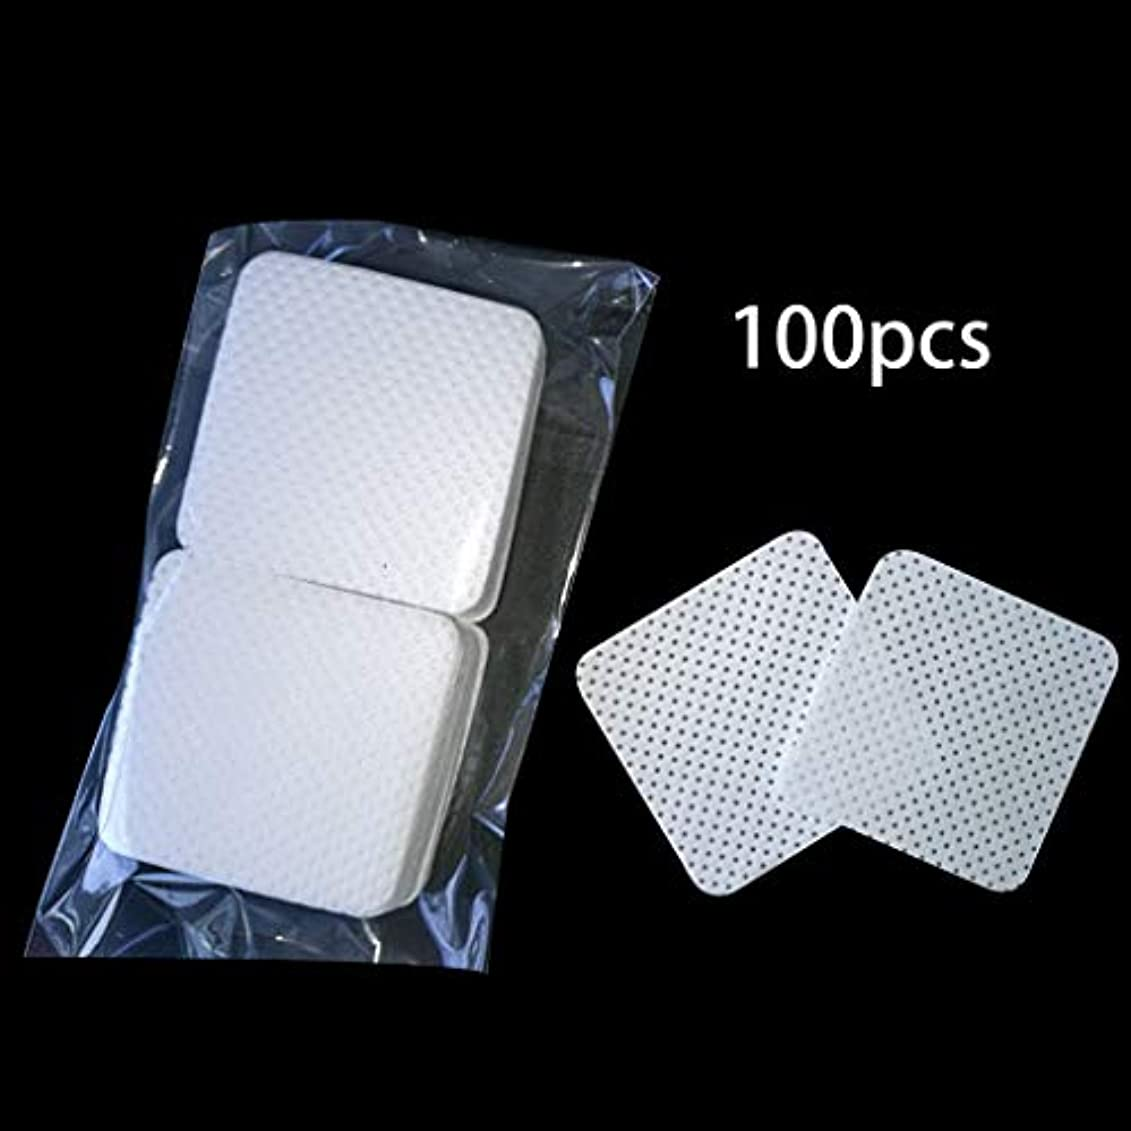 第九シェトランド諸島先のことを考えるLamdoo 100ピース/バッグ使い捨てまつげエクステンション接着剤削除綿パッド瓶口拭きパッチメイク化粧品クリーニングツール